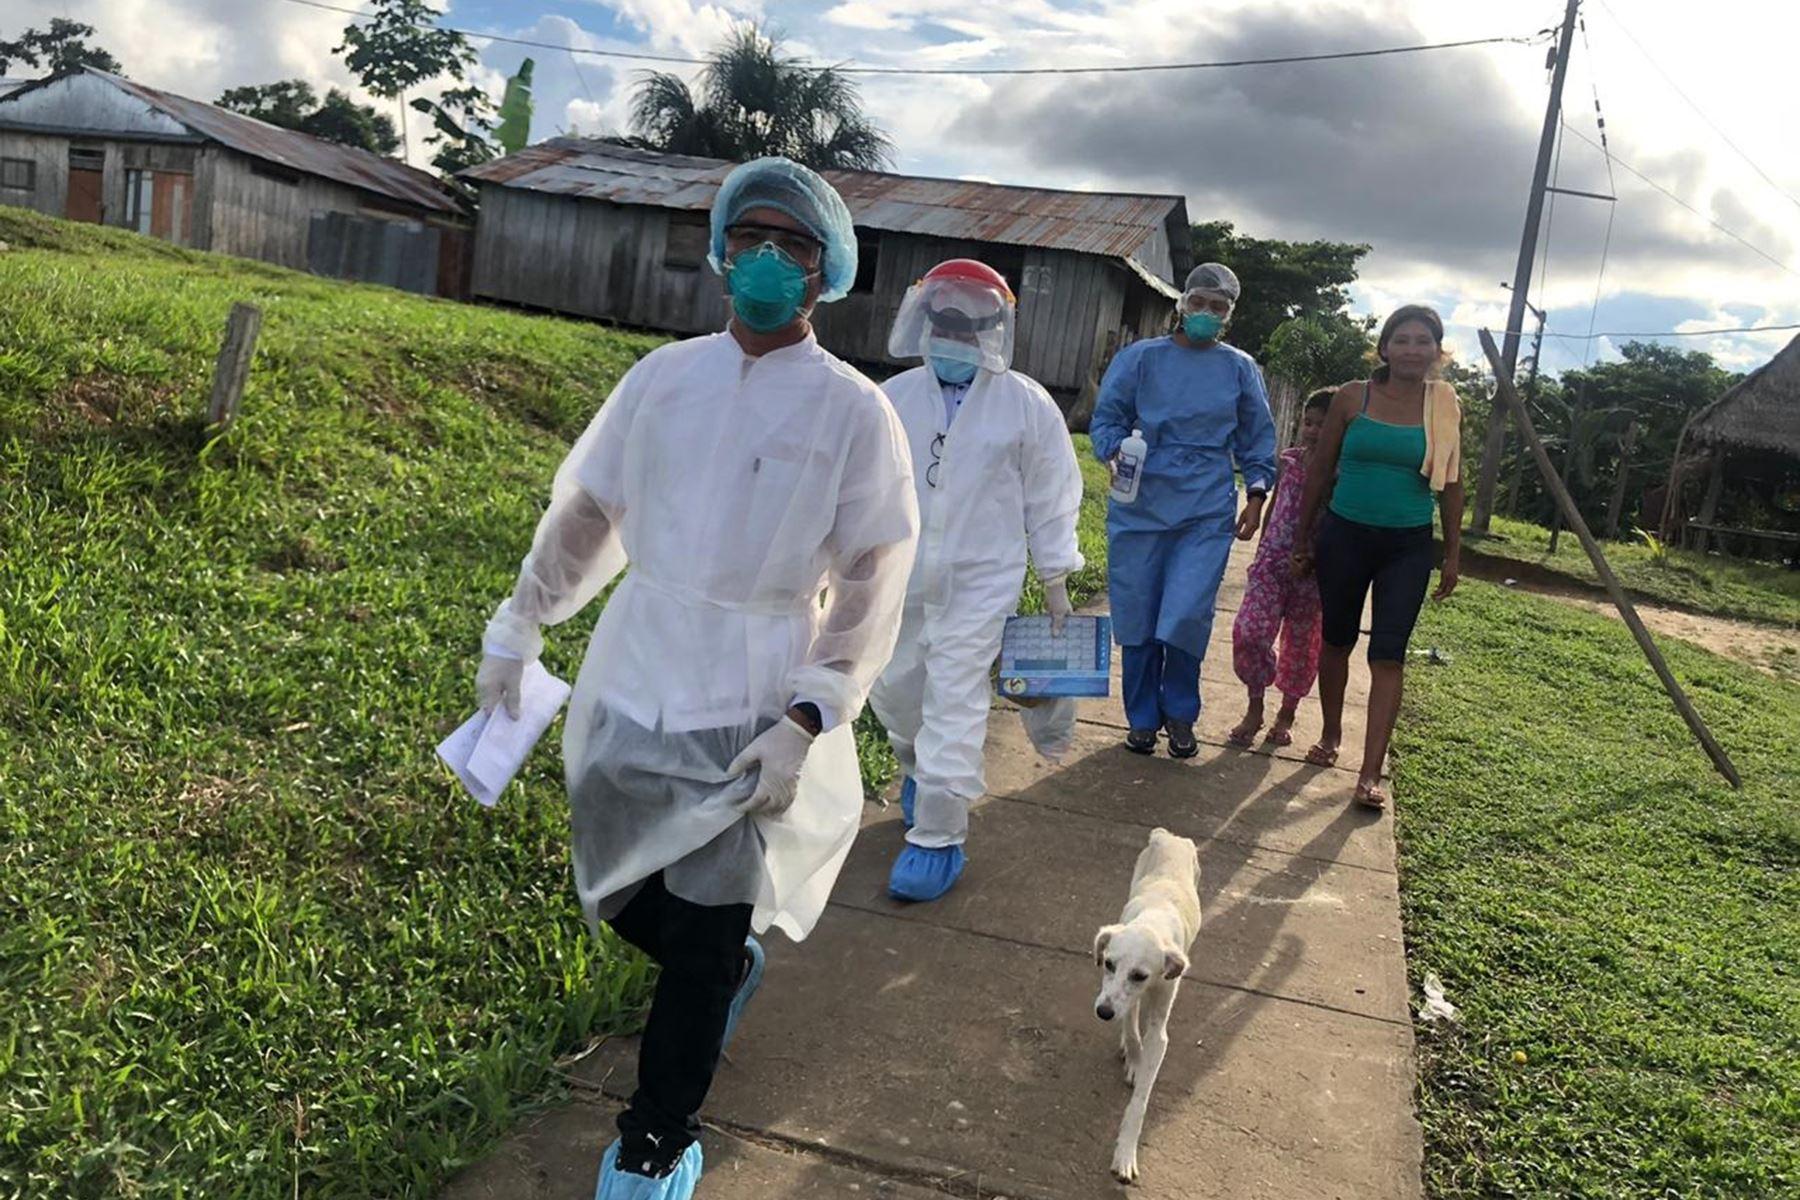 El Comando Conjunto de las Fuerzas Armadas llevó atenciones del Estado contra el covid-19 y ayuda humanitaria a las comunidades nativas de San Rafael, Diamante azul, Copal Urco, Santa Clotilde, San Luis Tacsha y Curaray en Loreto. Foto: ANDINA/Difusión